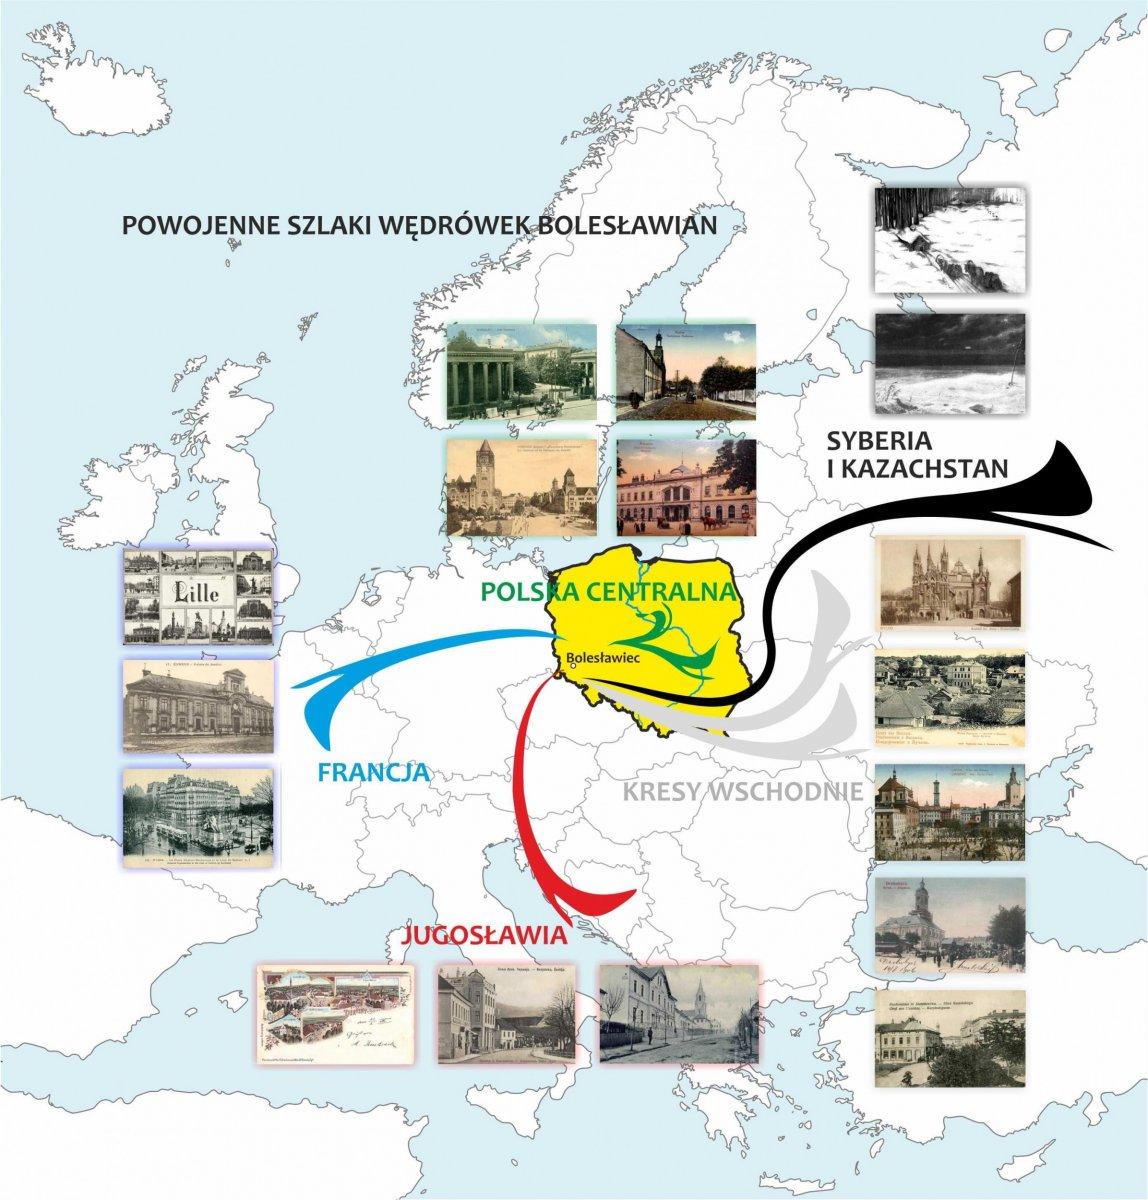 Mapa: Powojenne szlaki wędrówek osadniczych bolesławian